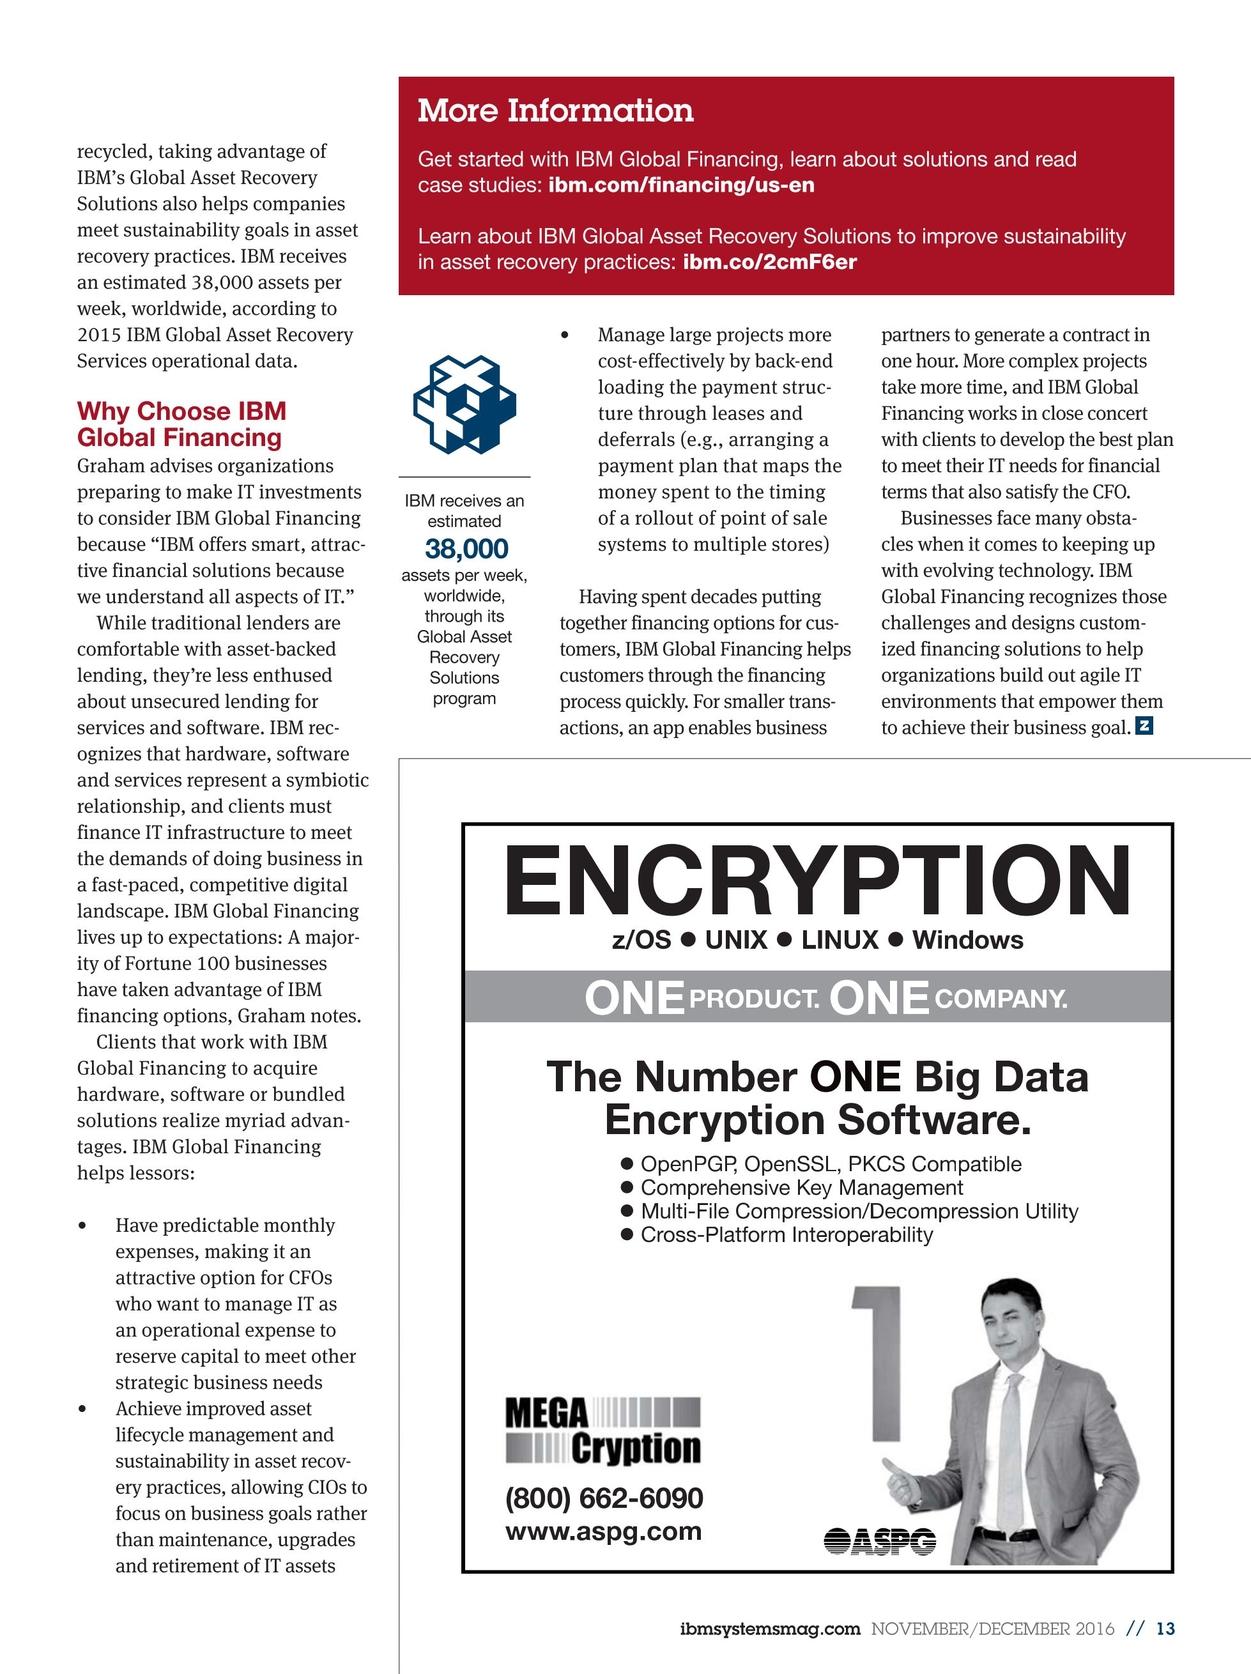 IBM Systems Magazine, Mainframe - November/December 2016